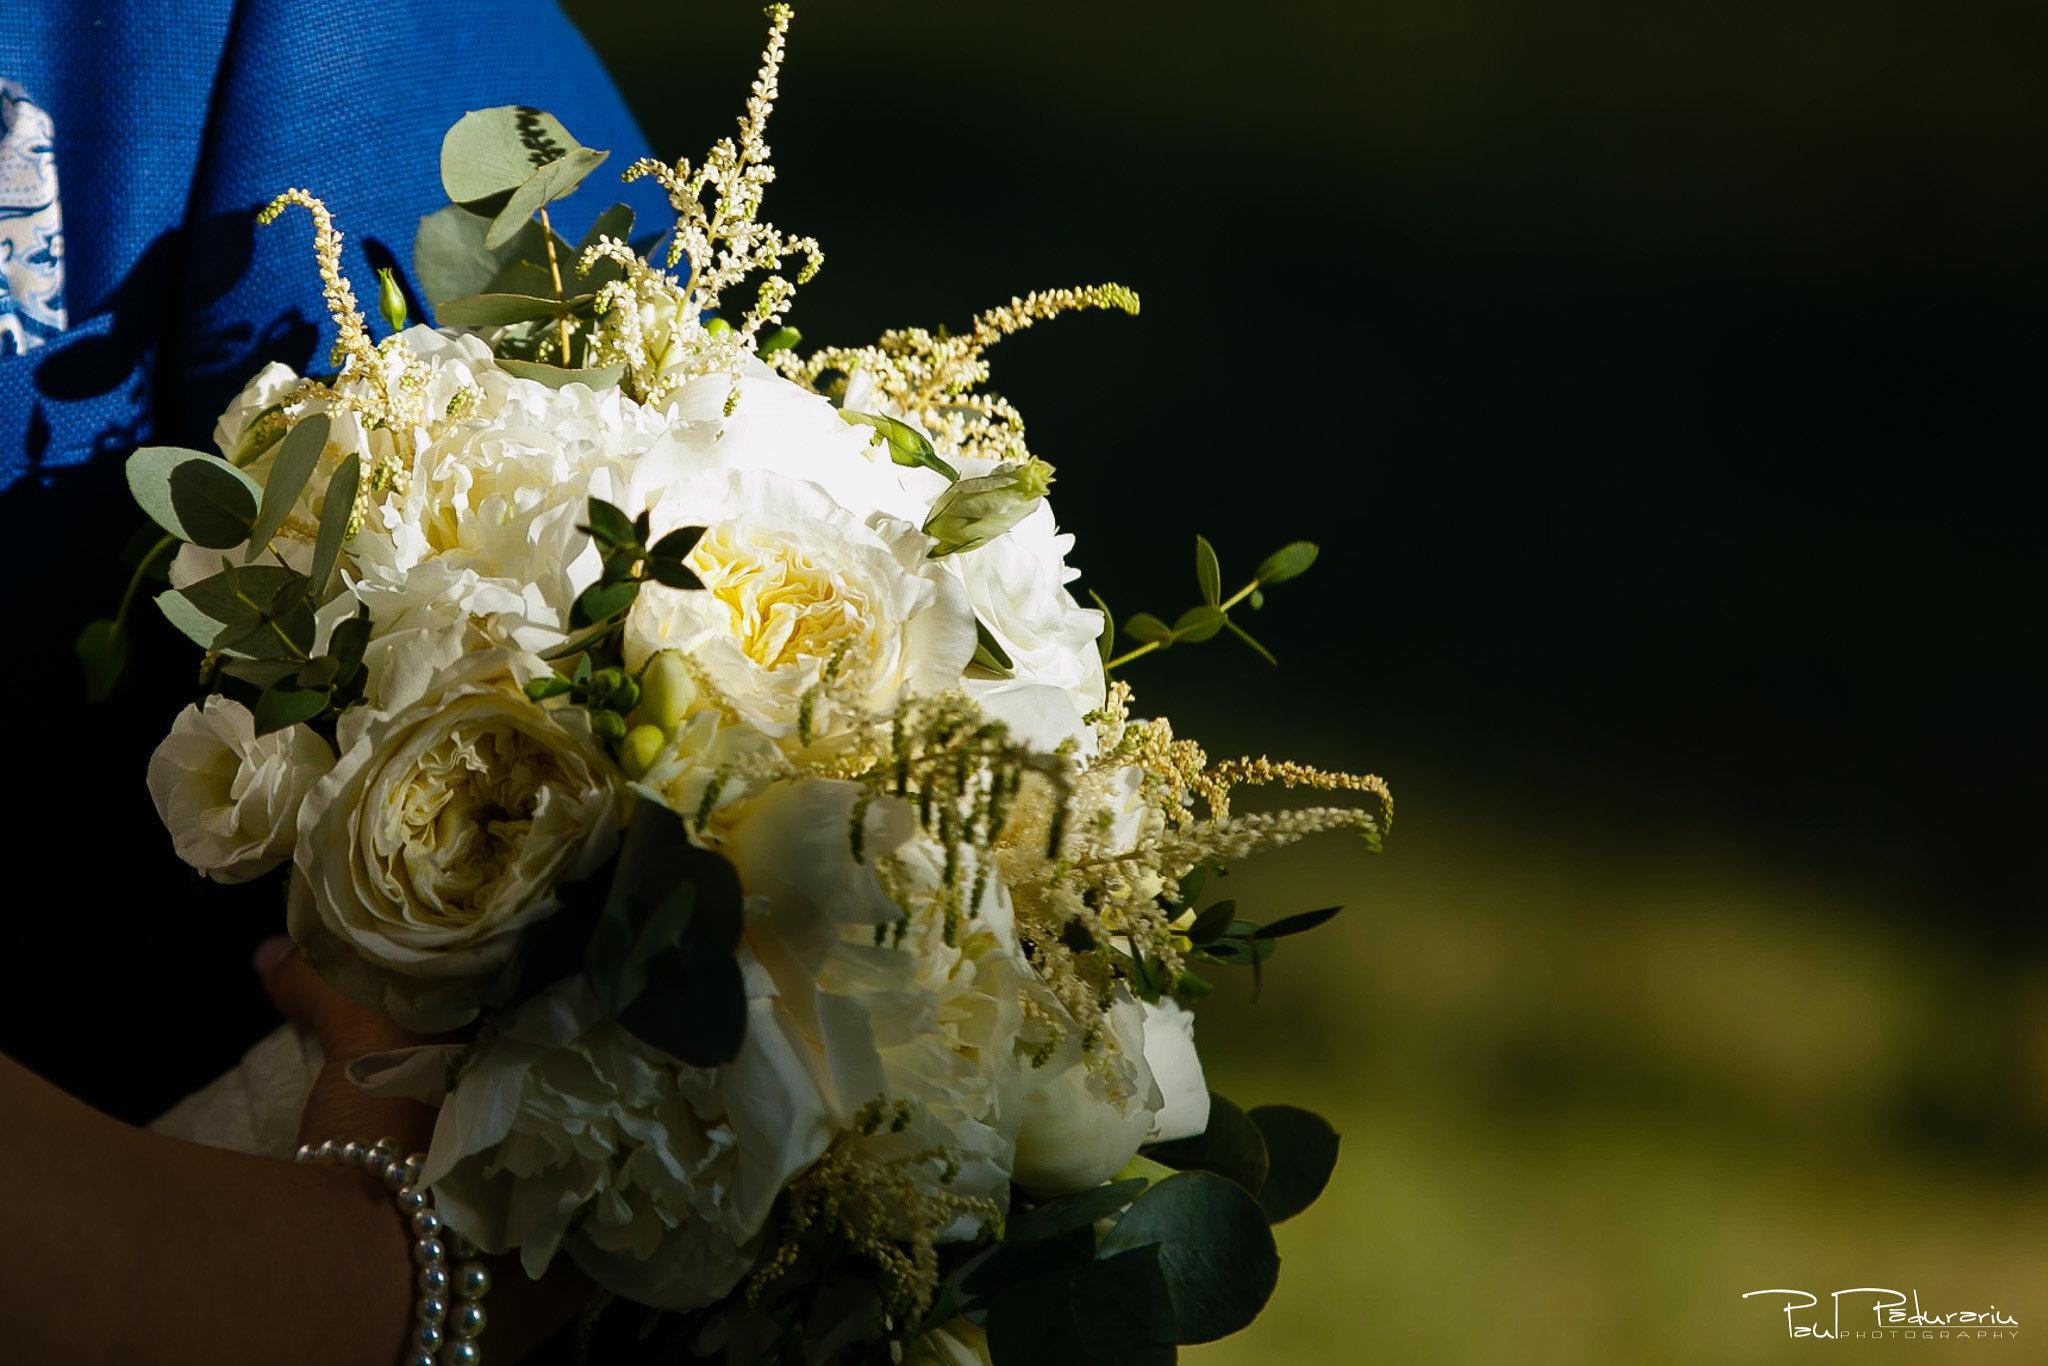 Sedinta foto nunta iasi fotograf profesionist paul padurariu - nunta la Castel Ana-Maria si Marius www.paulpadurariu.ro © 2018 Paul Padurariu 2